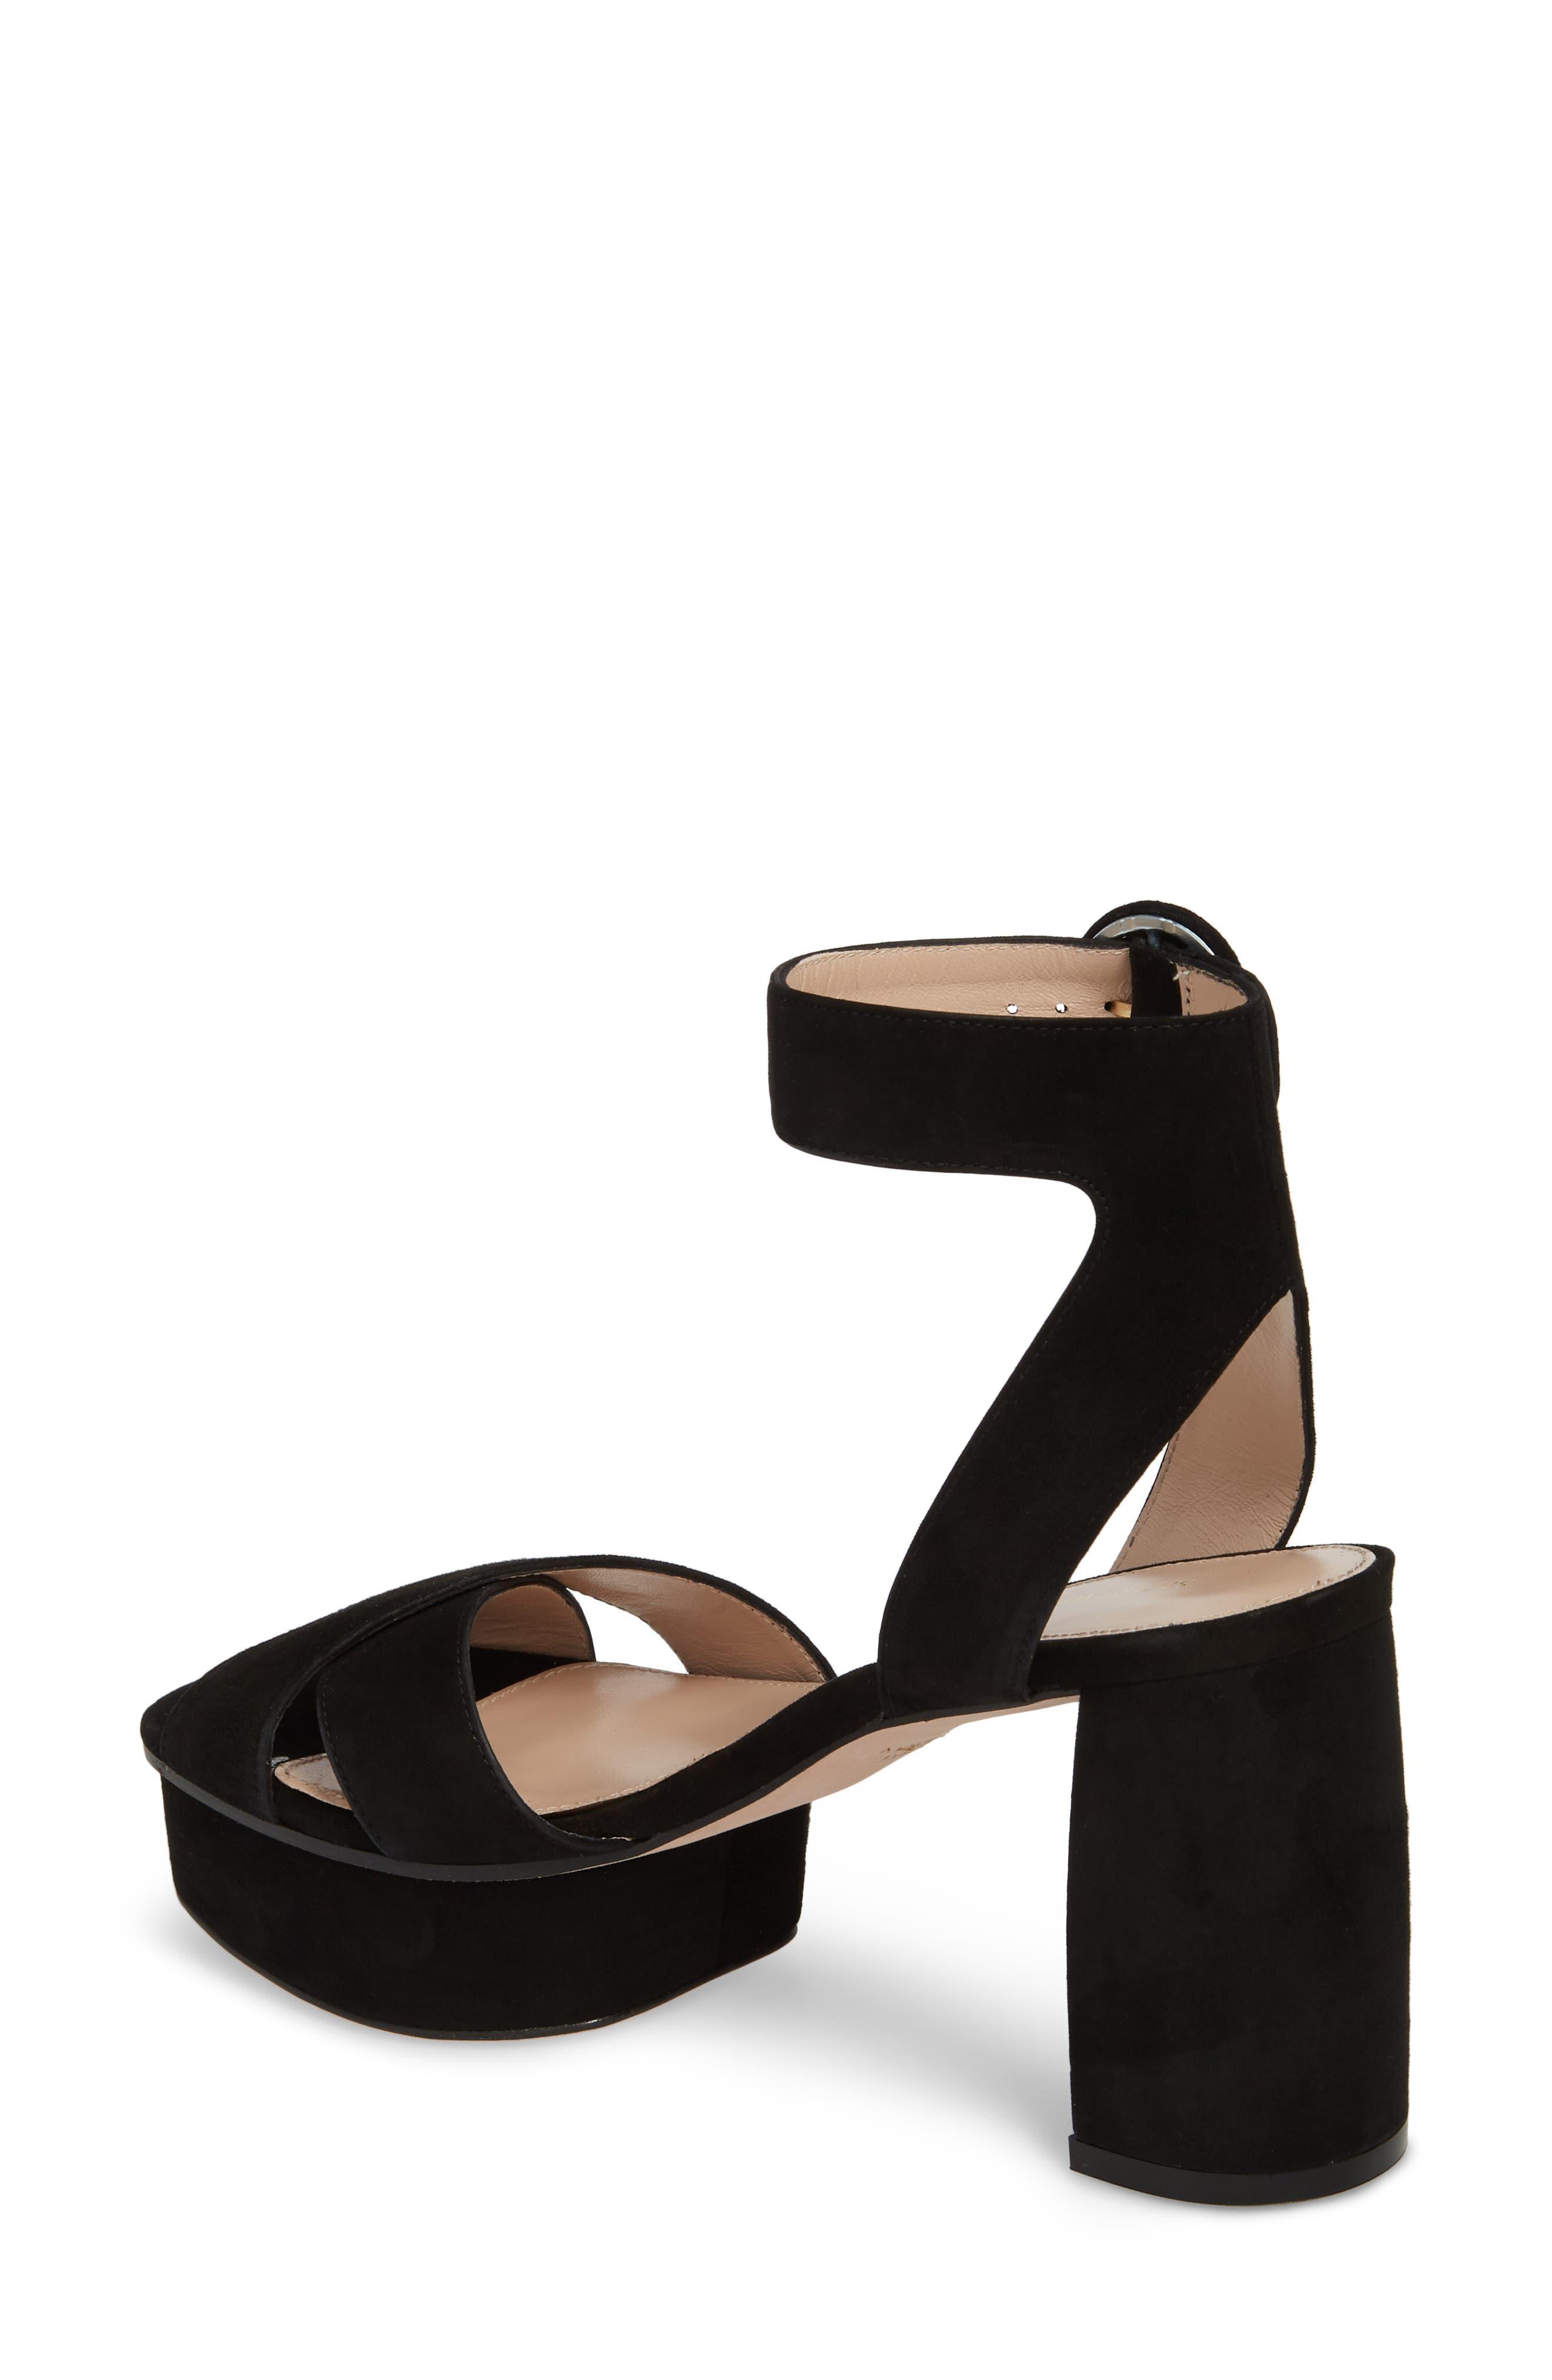 Carmina Ankle Strap Platform Sandal,                             Alternate thumbnail 2, color,                             Black Seda Suede